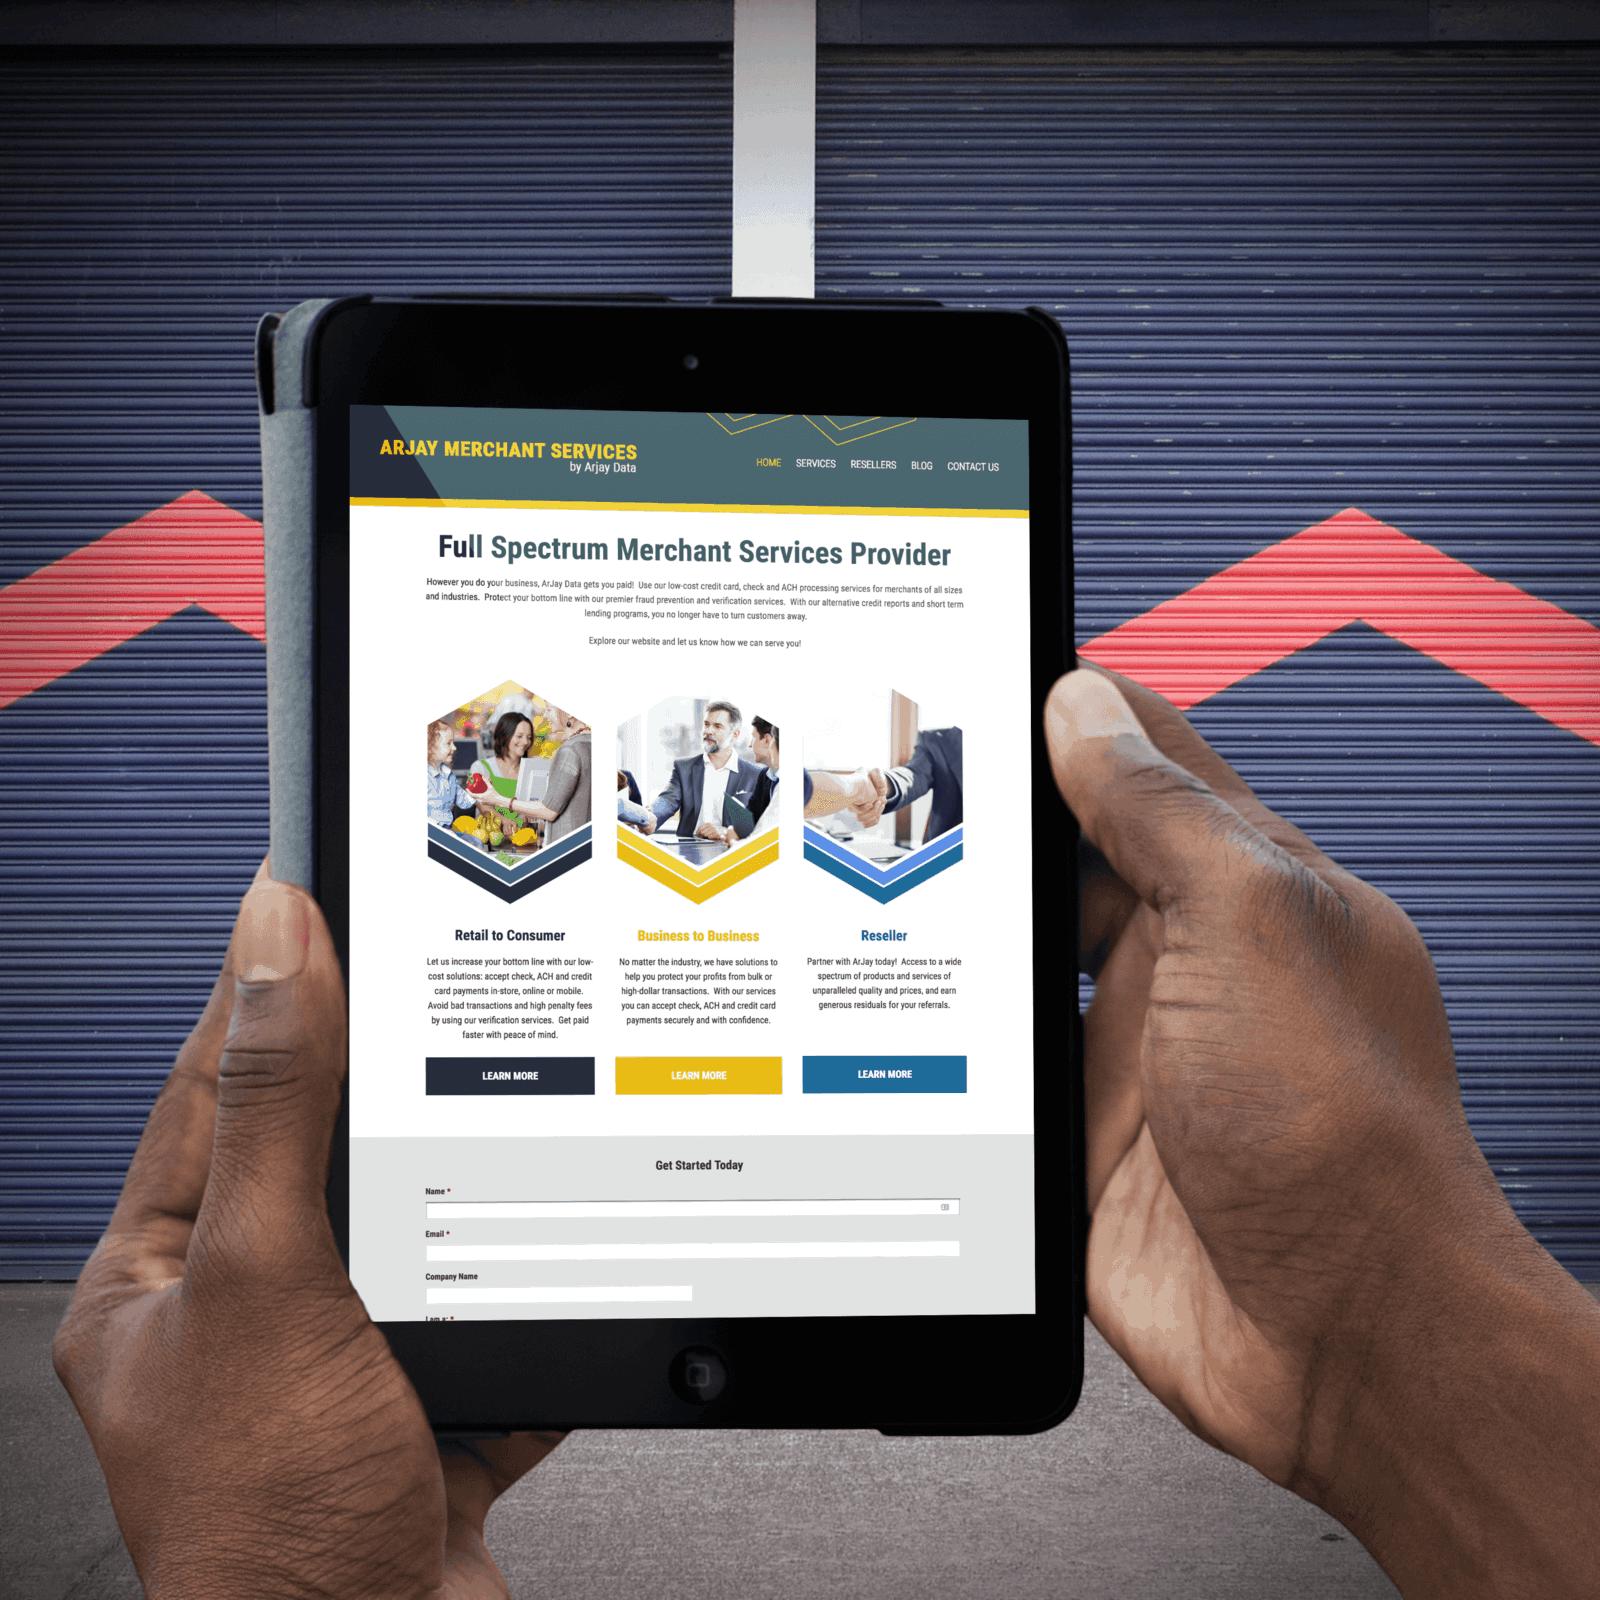 Arjay Merchant Services